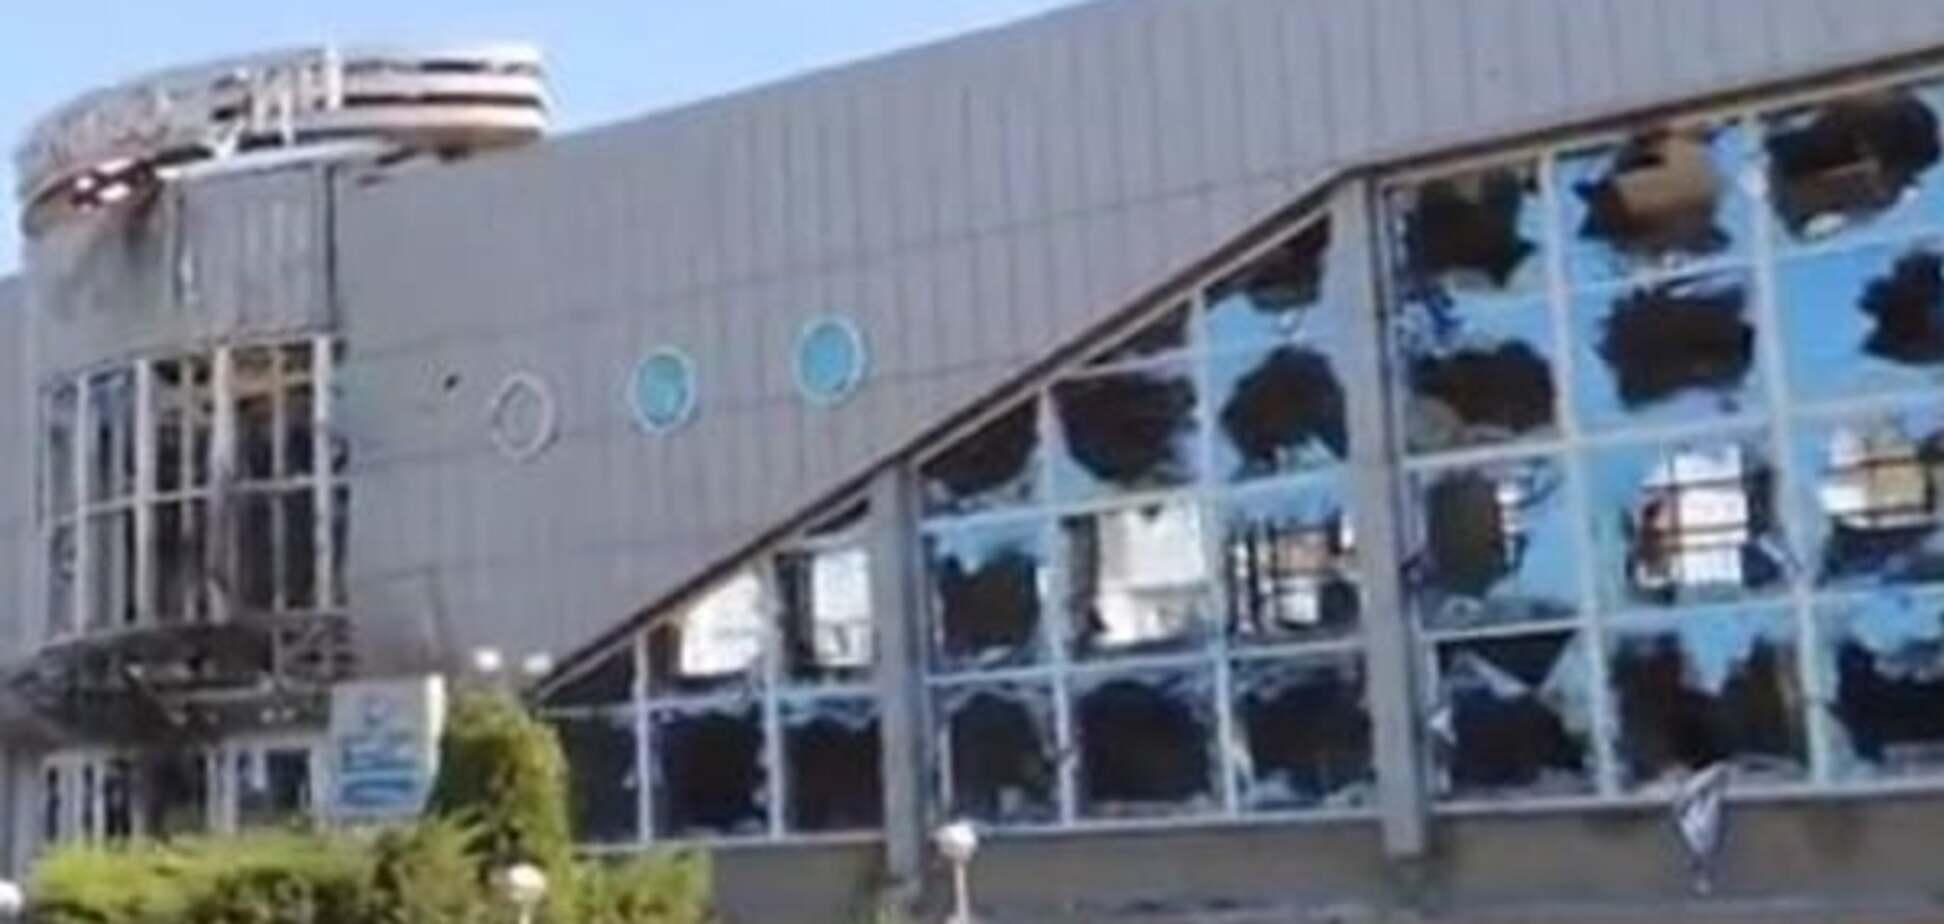 Руїни і підірвана техніка: журналісти показали, як виглядає луганський аеропорт. Відеофакт